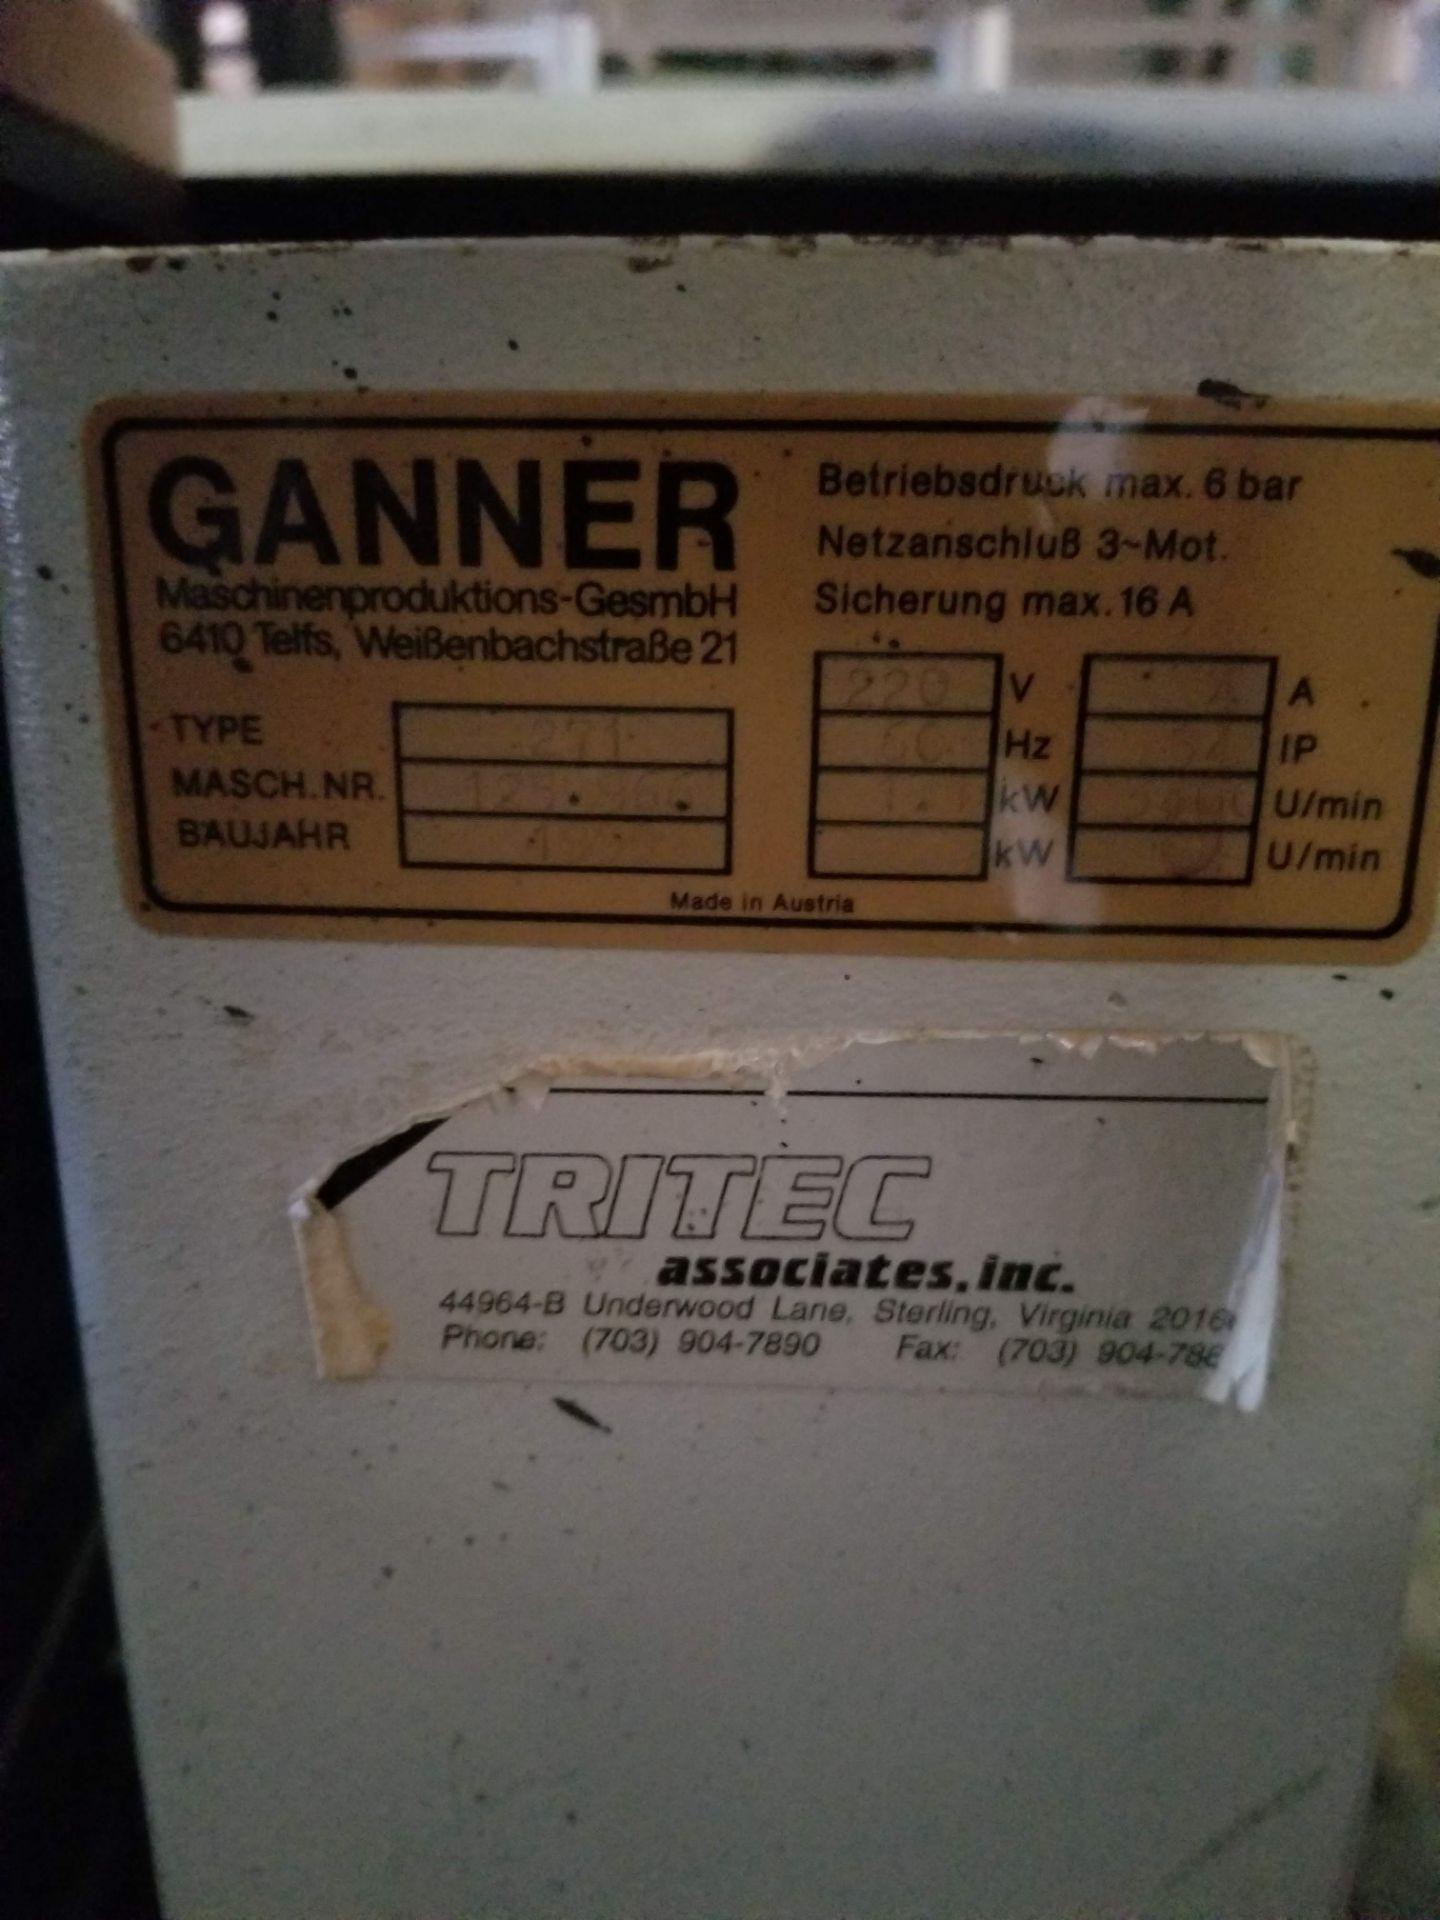 Lot 14 - Gannomat Hinge Boring Machine, Type #271 1.5 hp, 3ph, Hinge drilling and insertion machine. Equipped